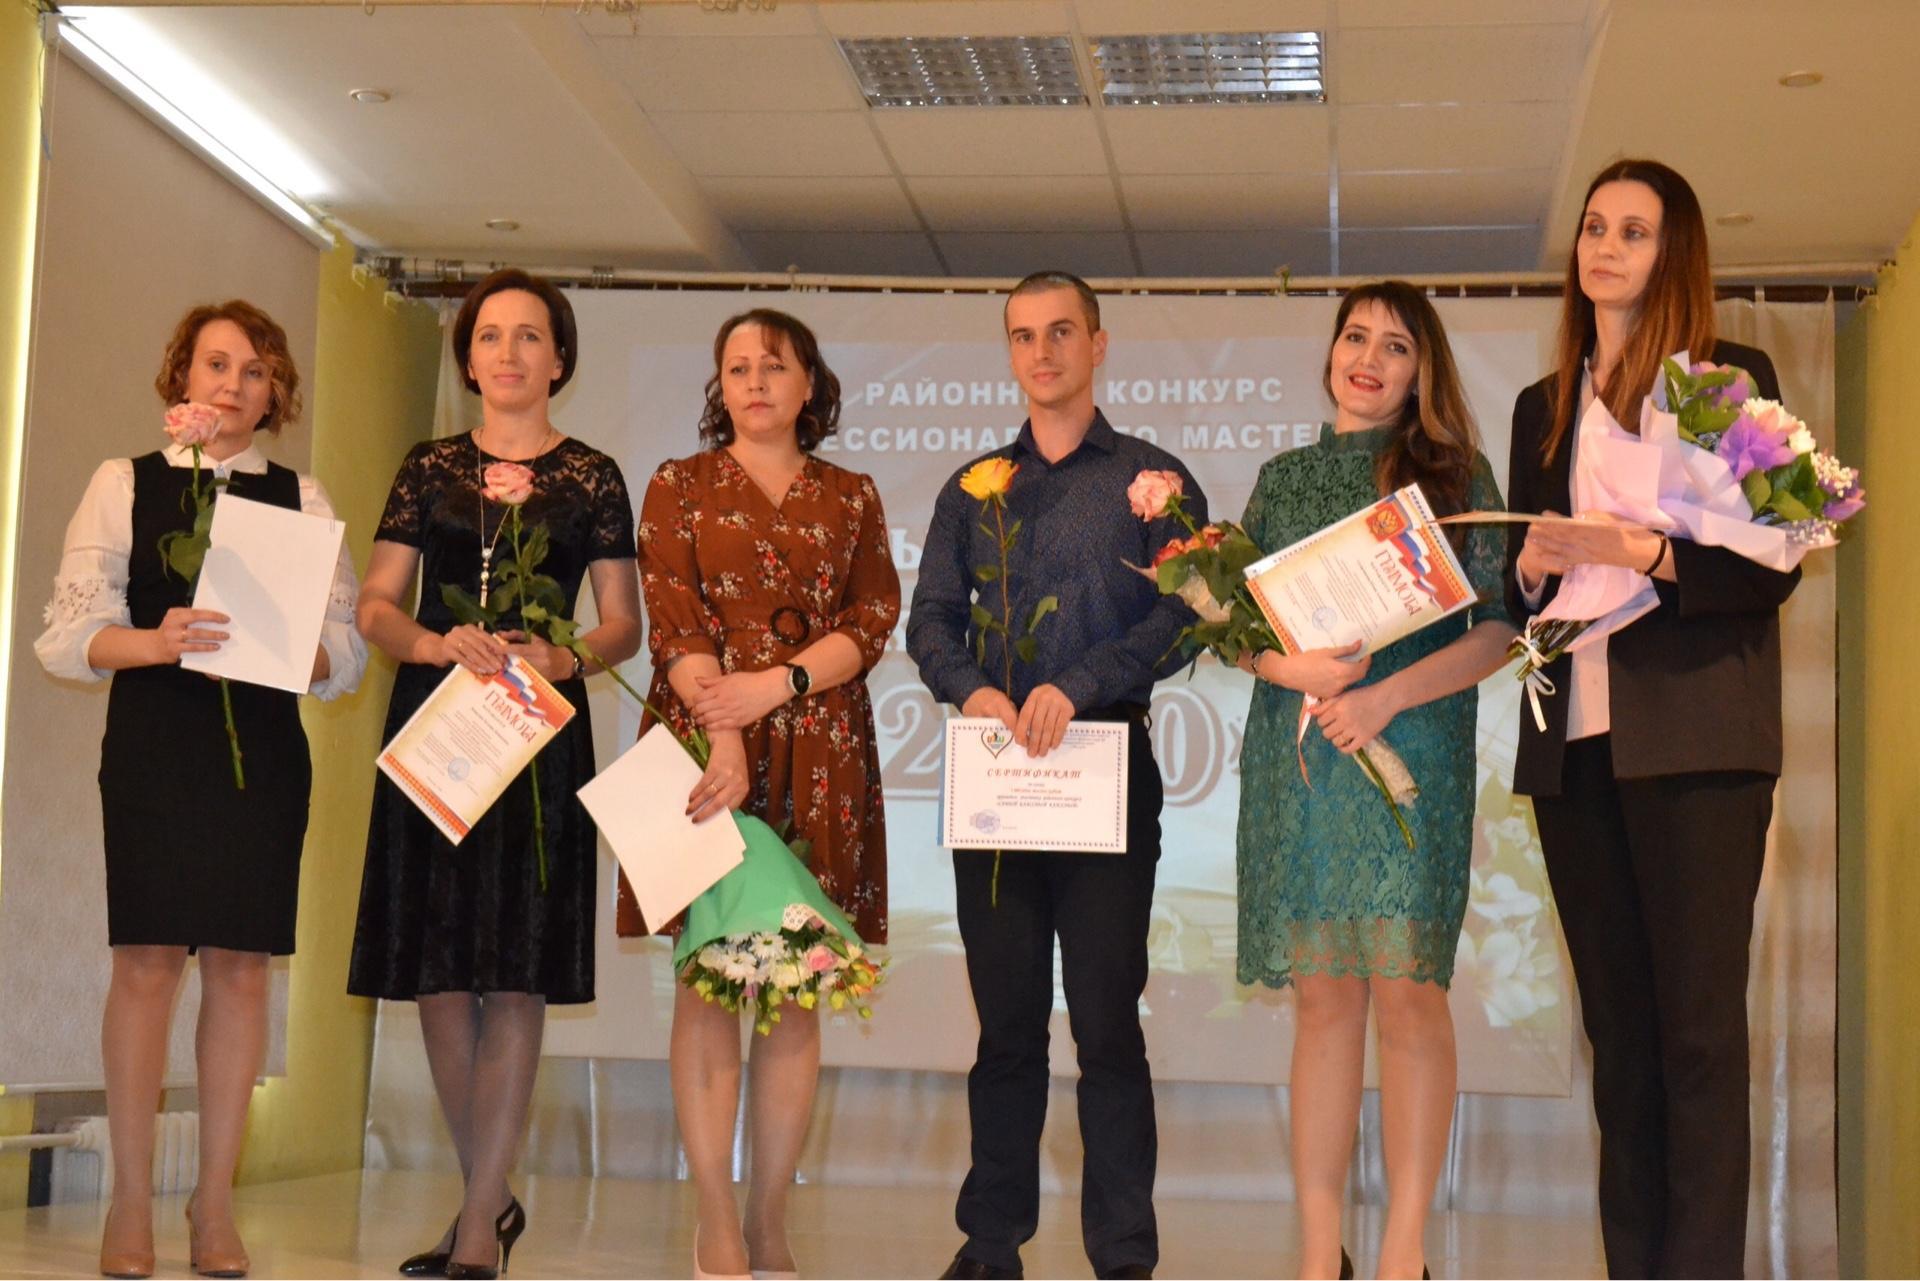 Поздравление конкурс профессионального мастерства